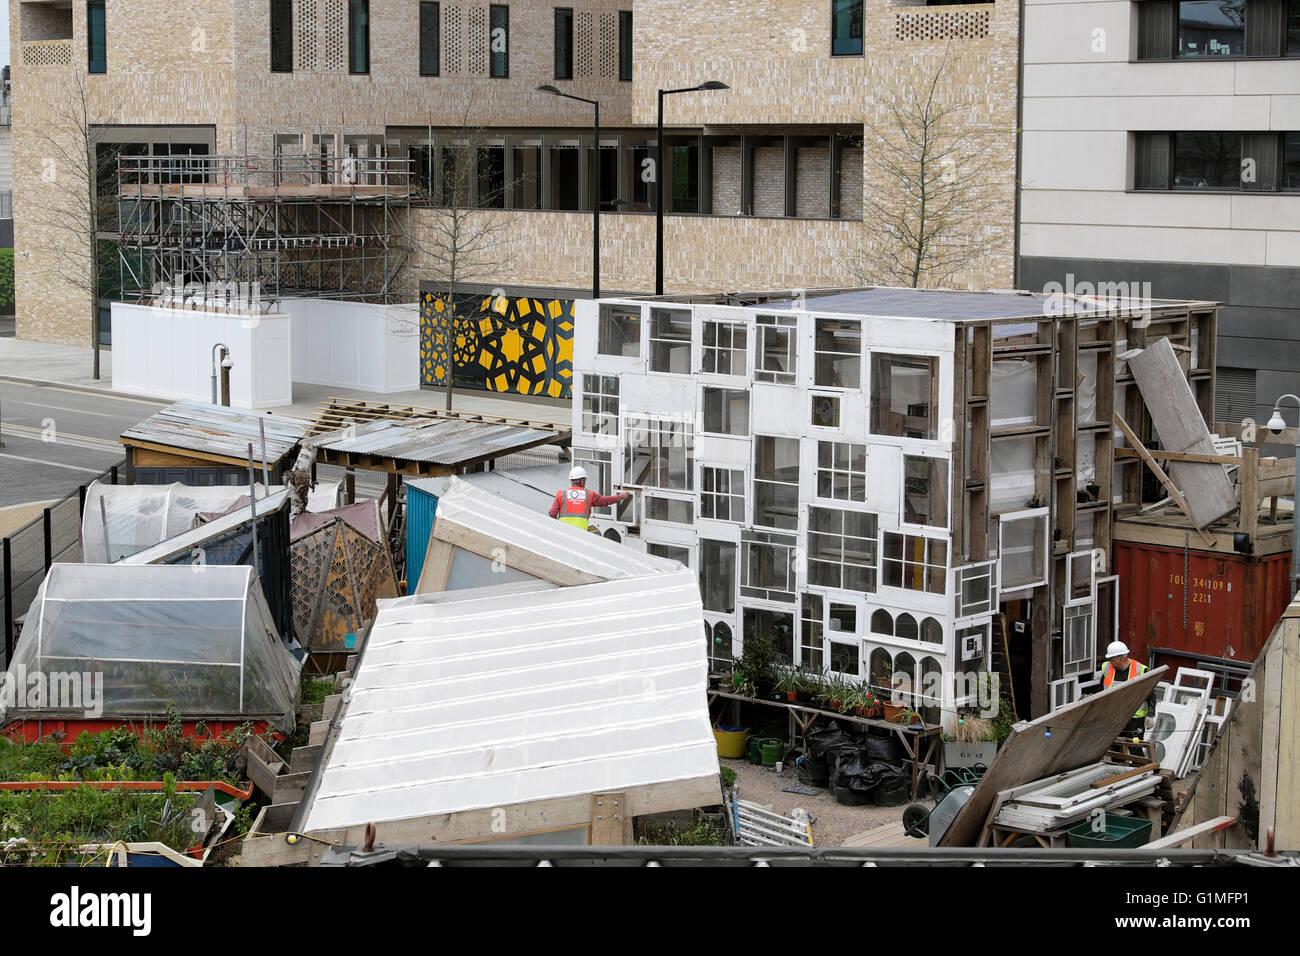 Los hombres la estructura del edificio desde windows en el jardín saltar en Kings Cross London UK KATHY DEWITT Imagen De Stock